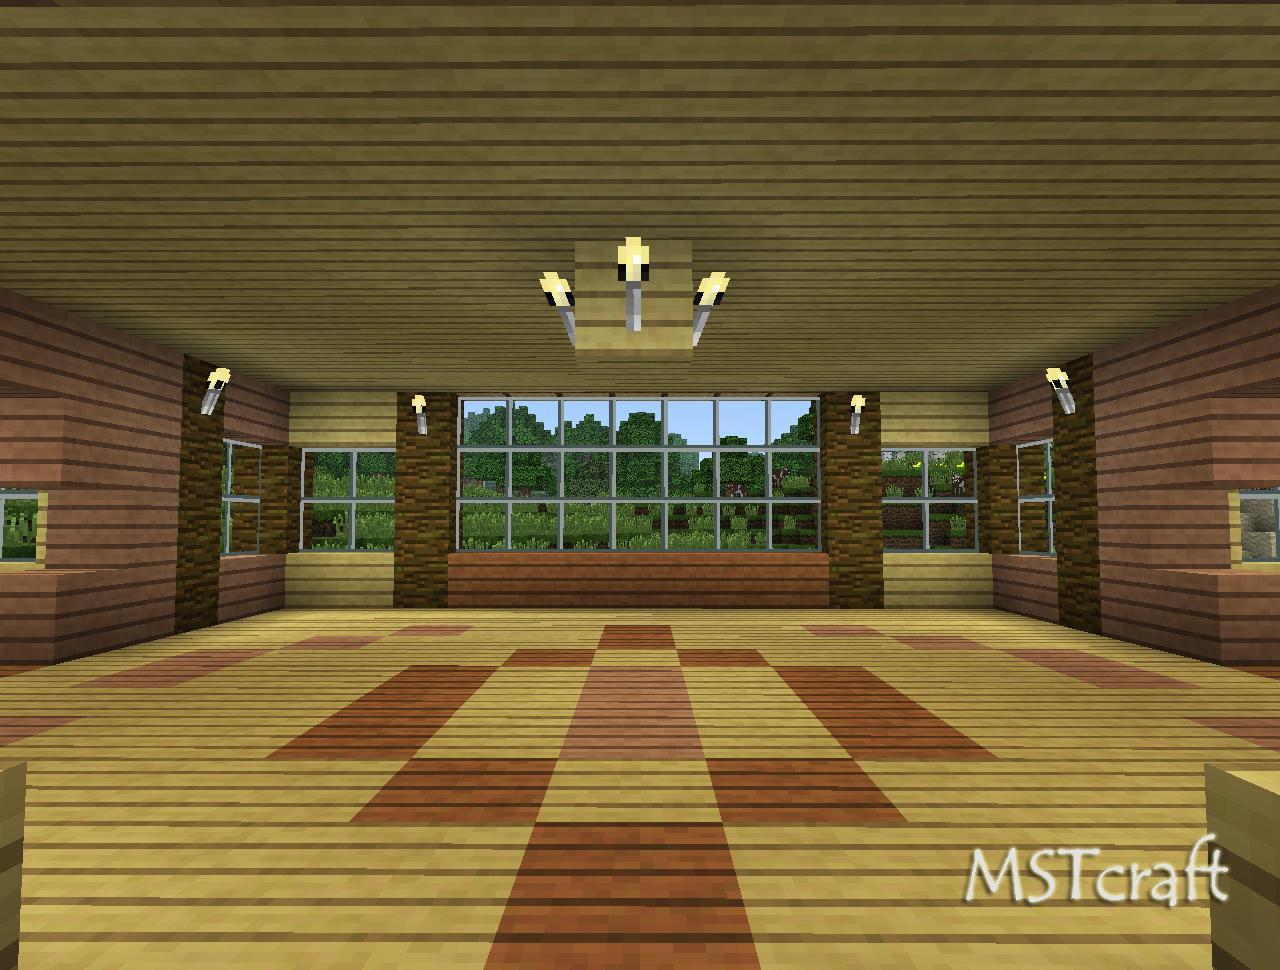 MSTCraft-texture-pack-3.jpg